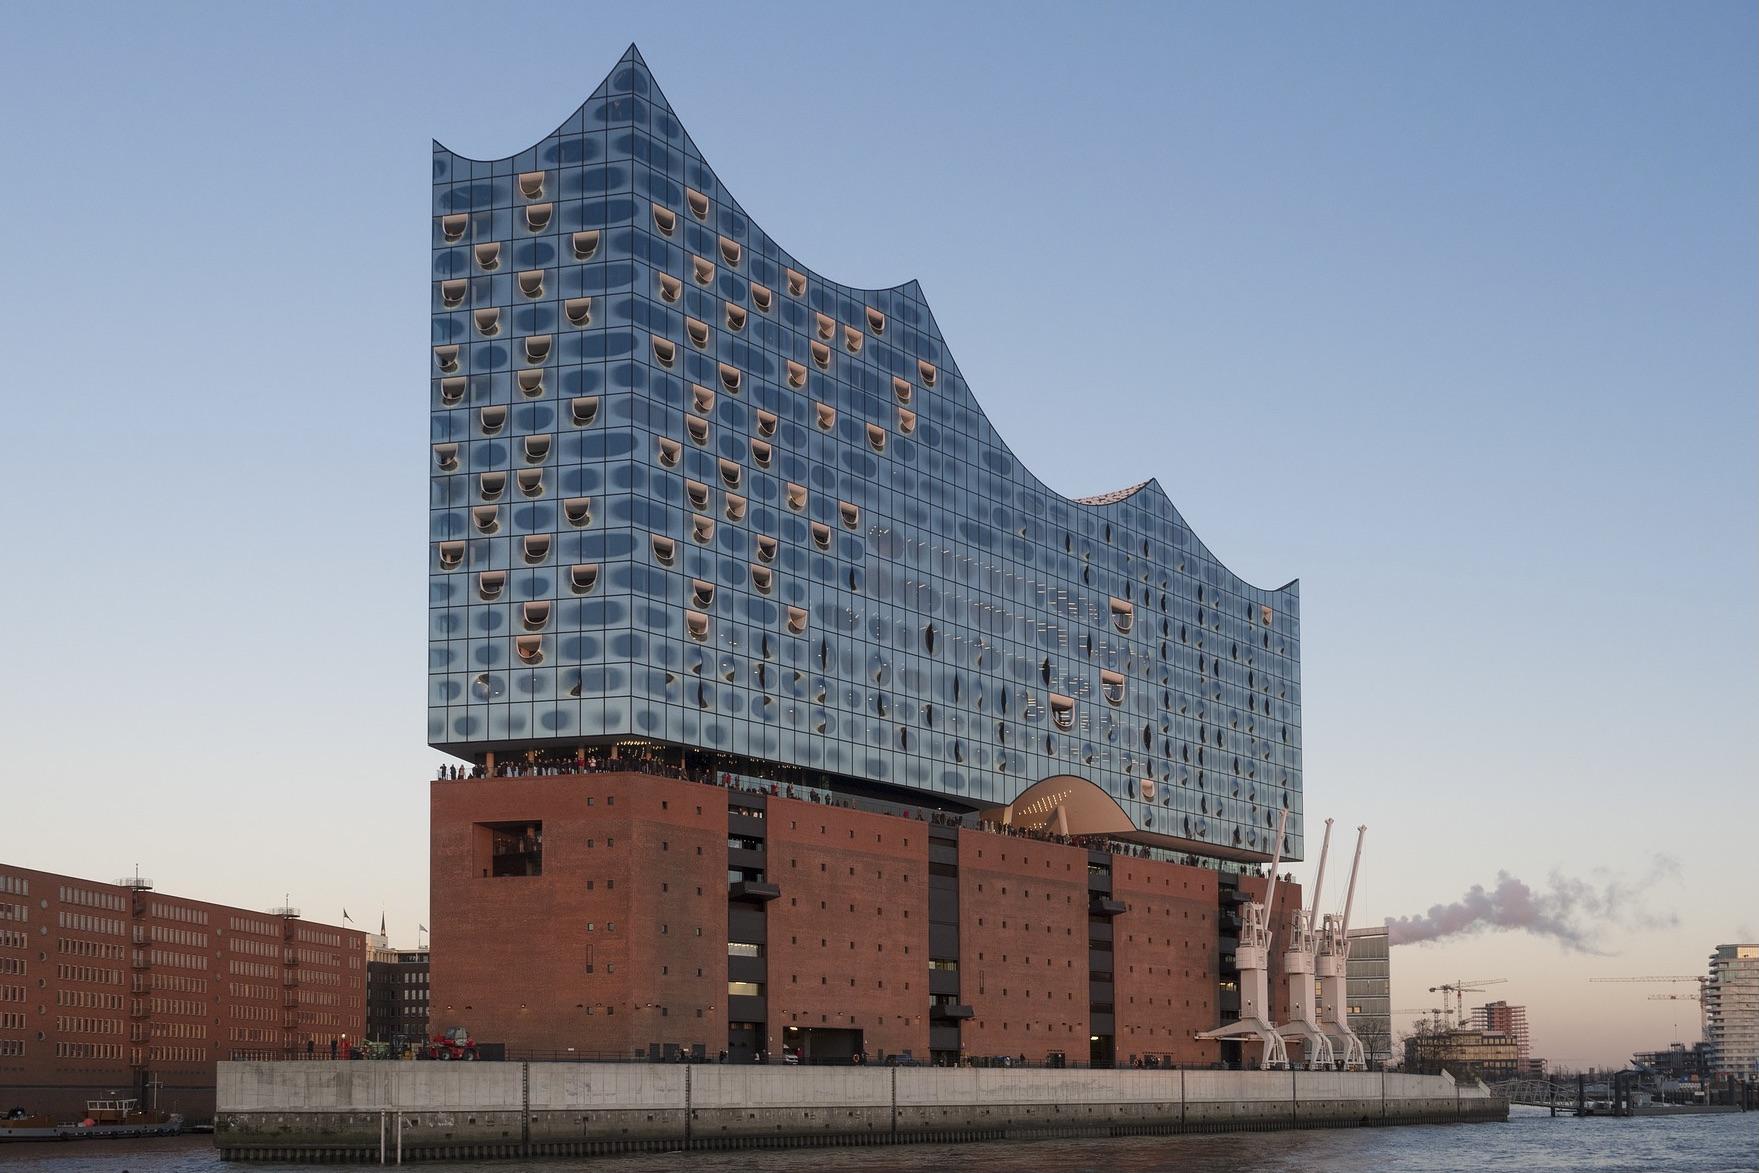 Die Elbphilharmonie ist eine der besten Hamburg Sehenswürdigkeiten